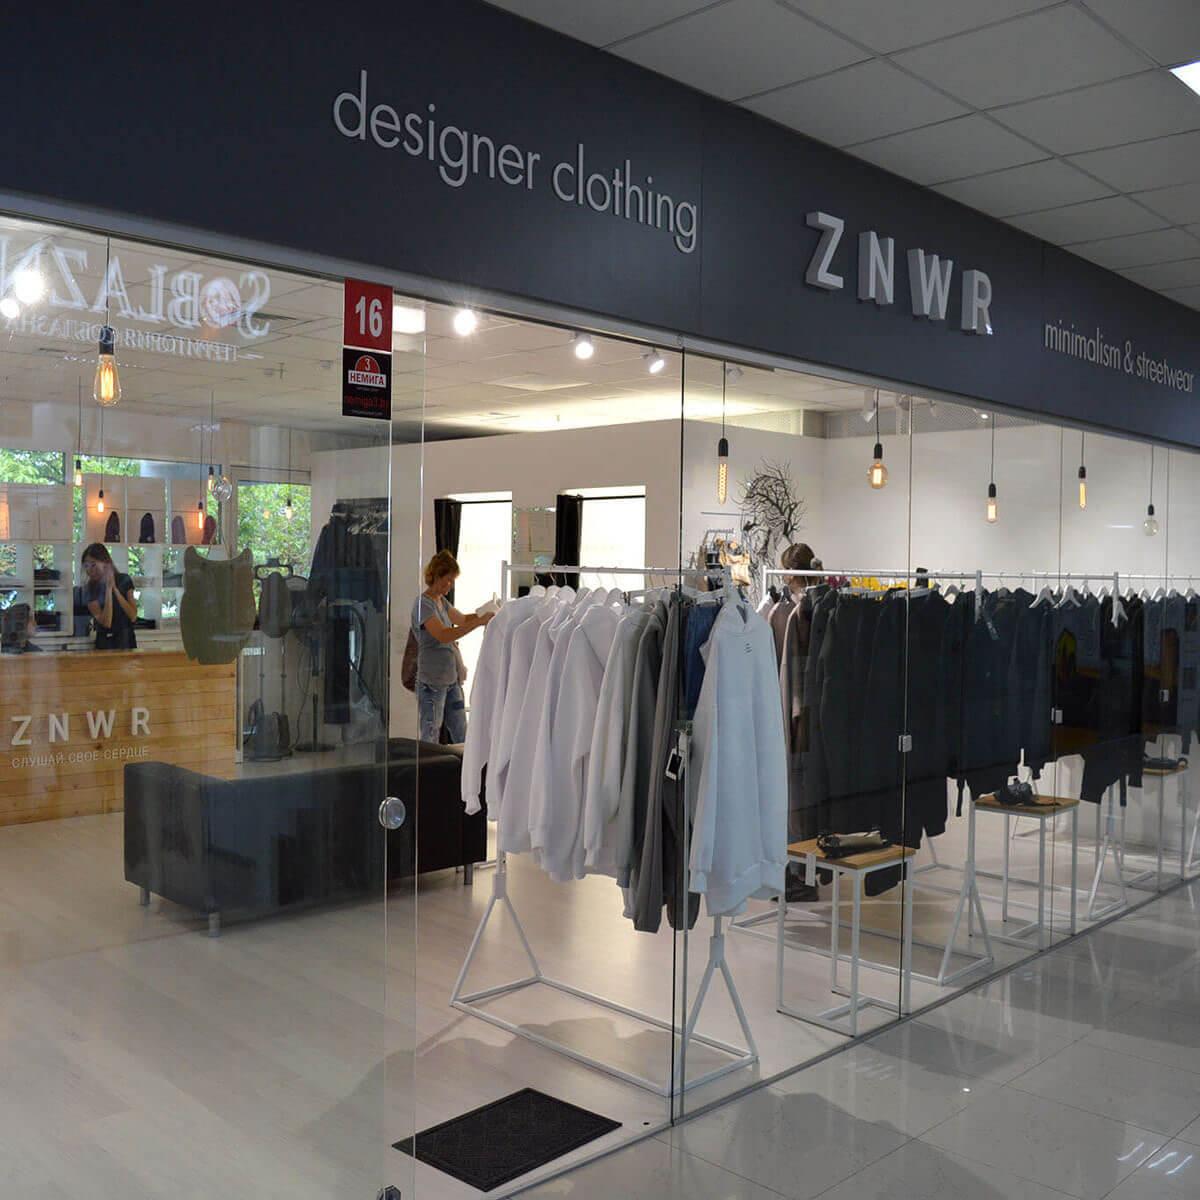 Магазин «Zen wear» сменил название на ZNWR  в соответствии со своим брендом в Торговом Центре «Немига 3»